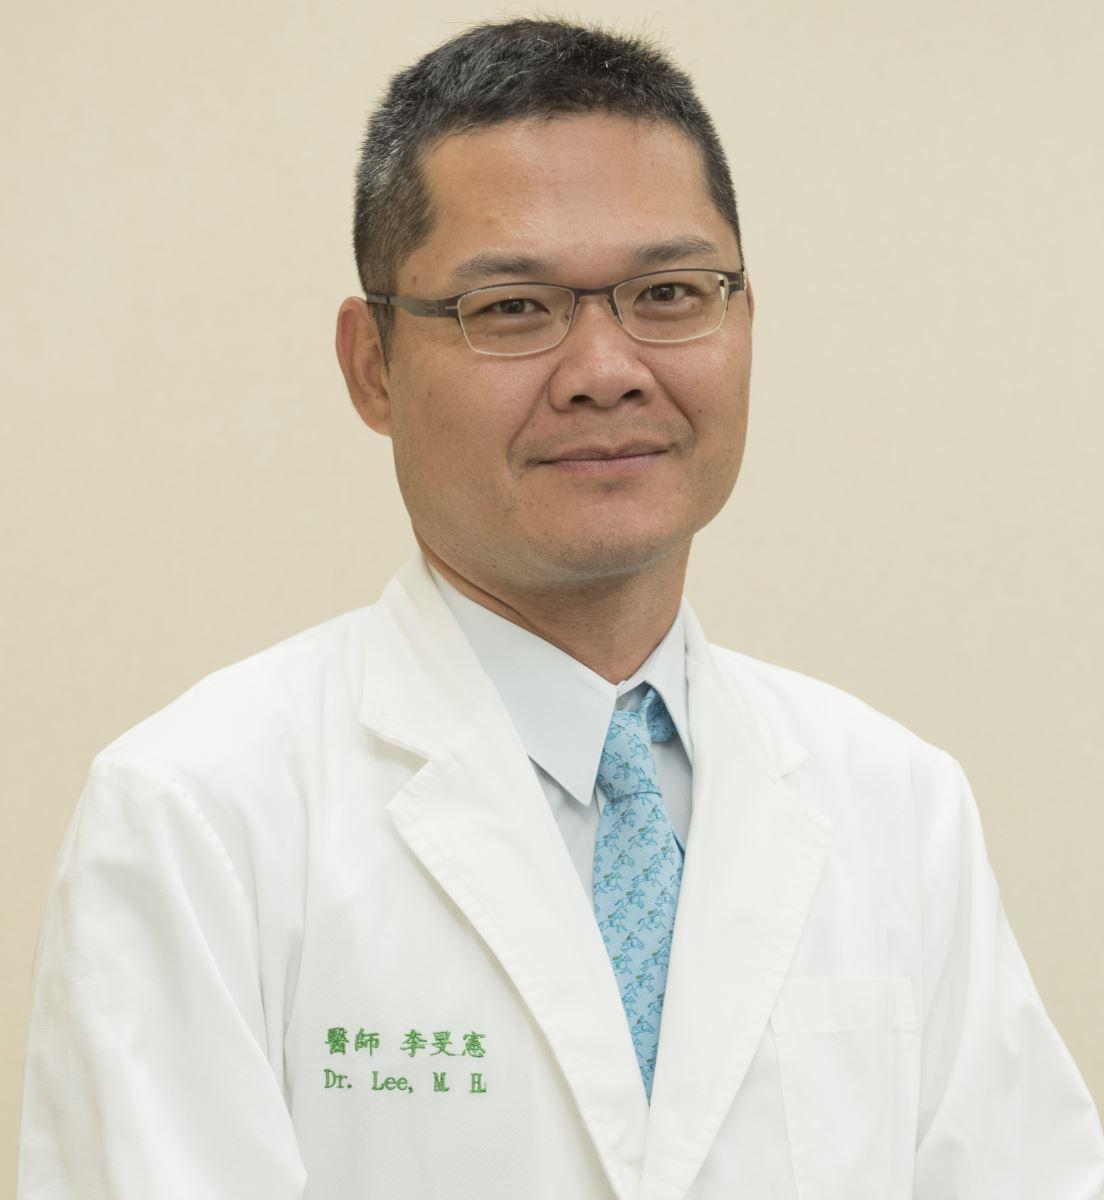 李旻憲醫師